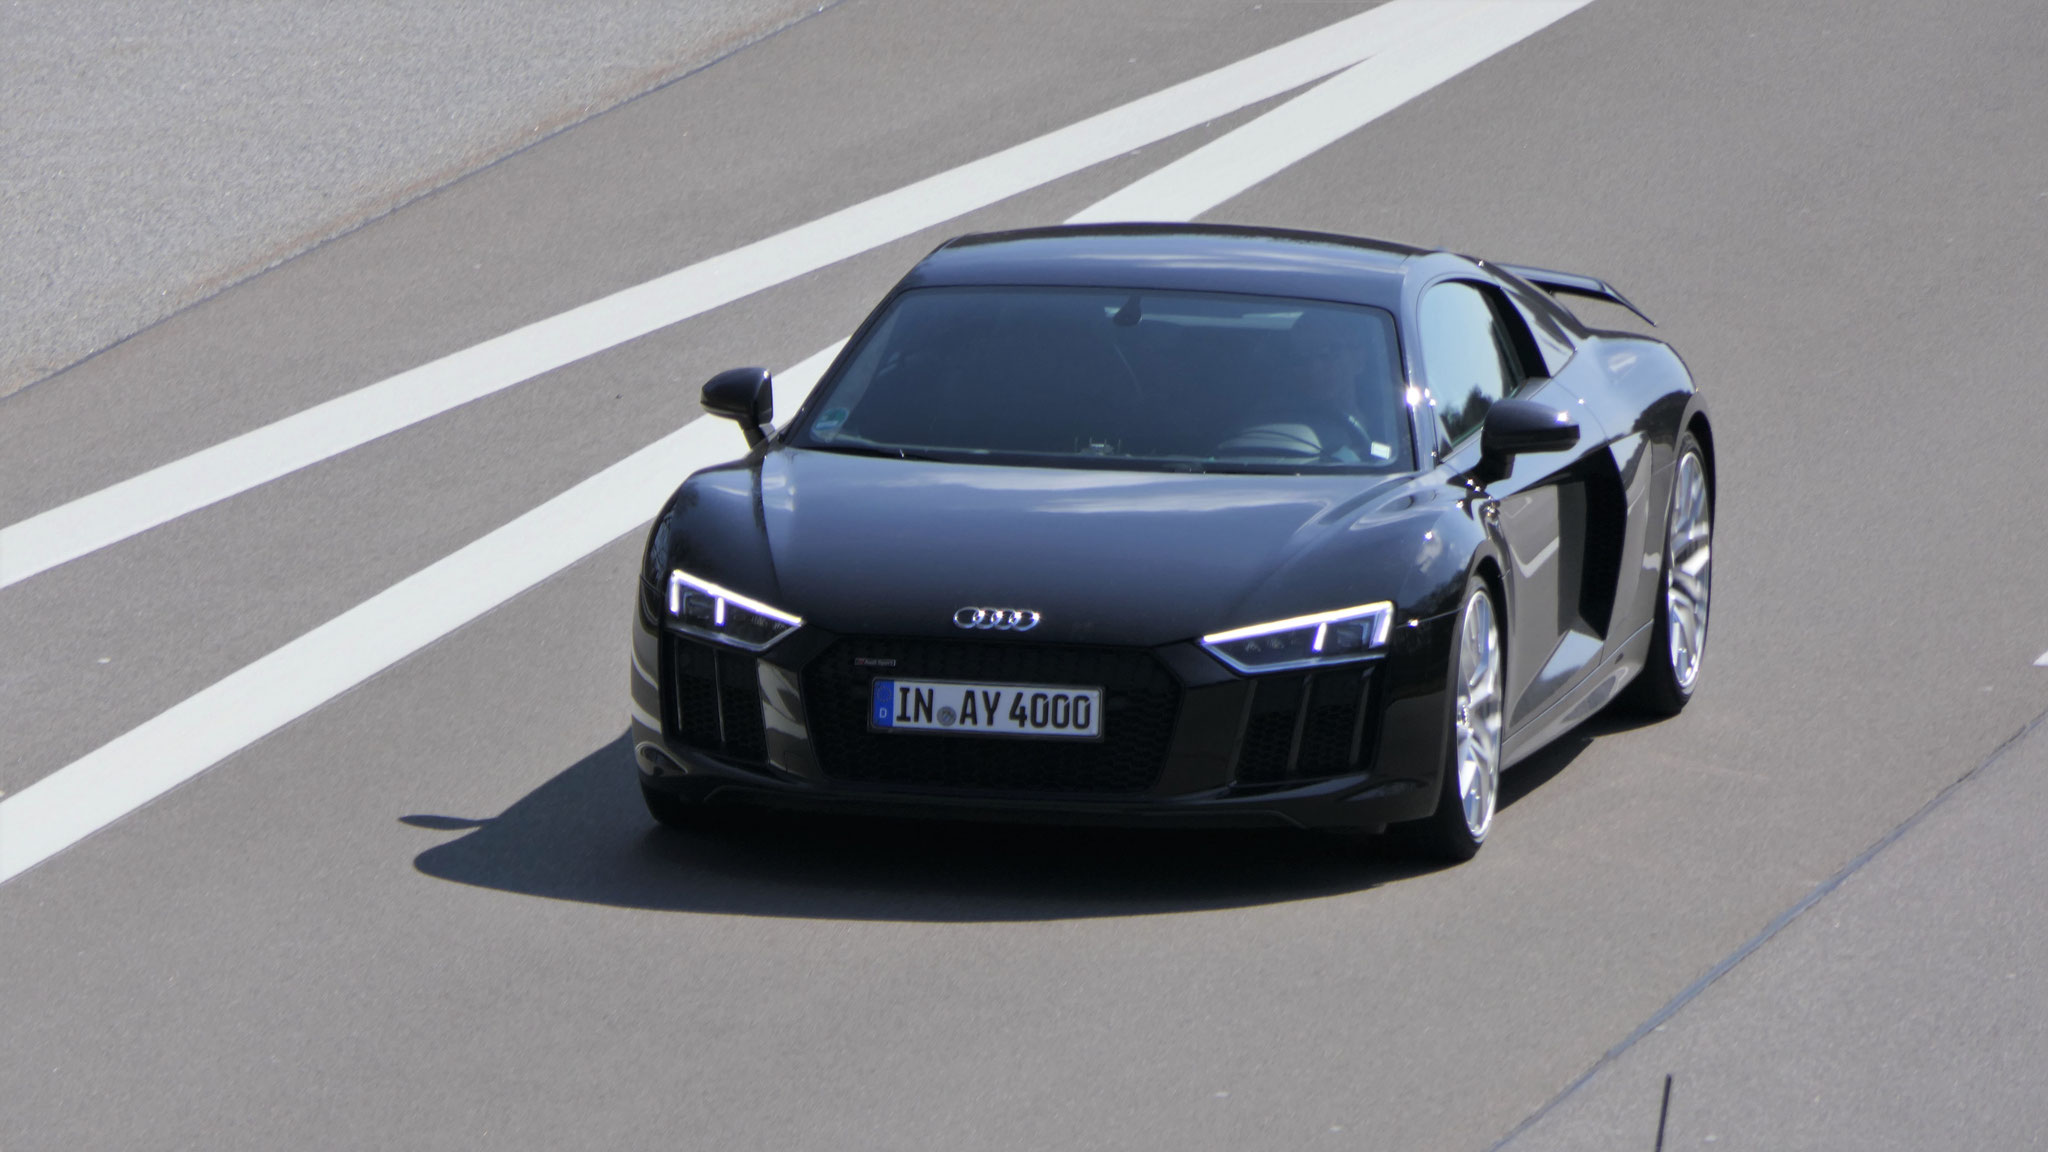 Audi R8 V10 - IN-AY-4000